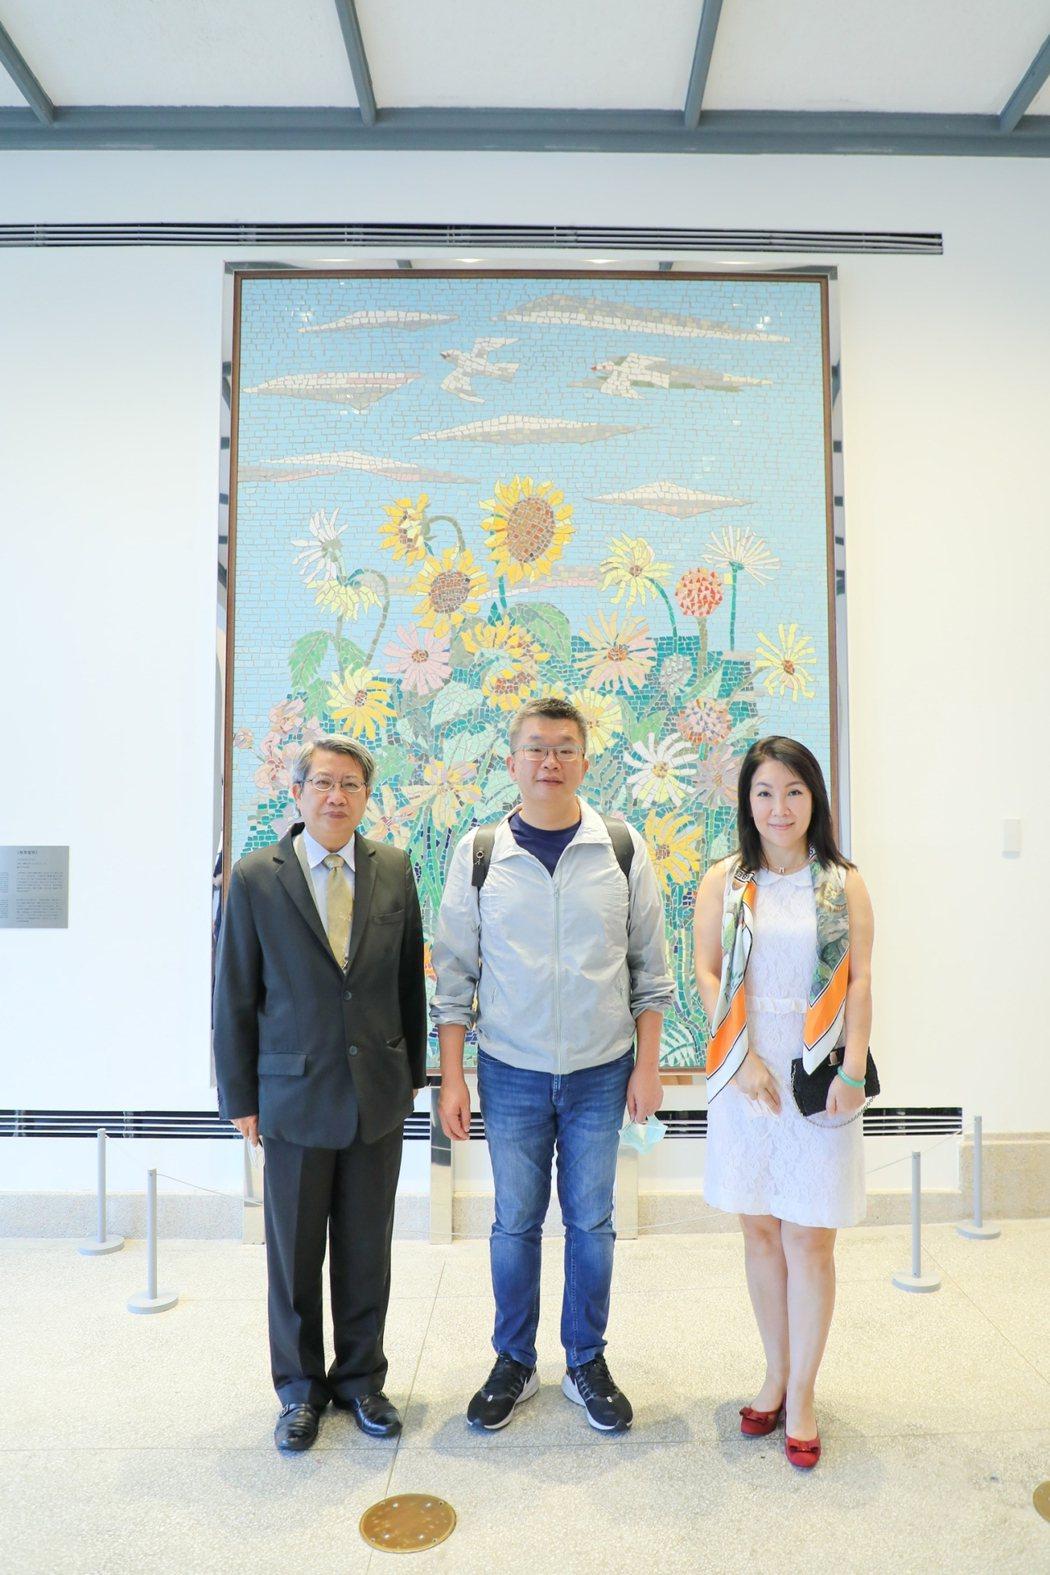 蔡副院長在南美館顏水龍的〈熱帶植物〉磁磚畫前留影。  南美館 提供